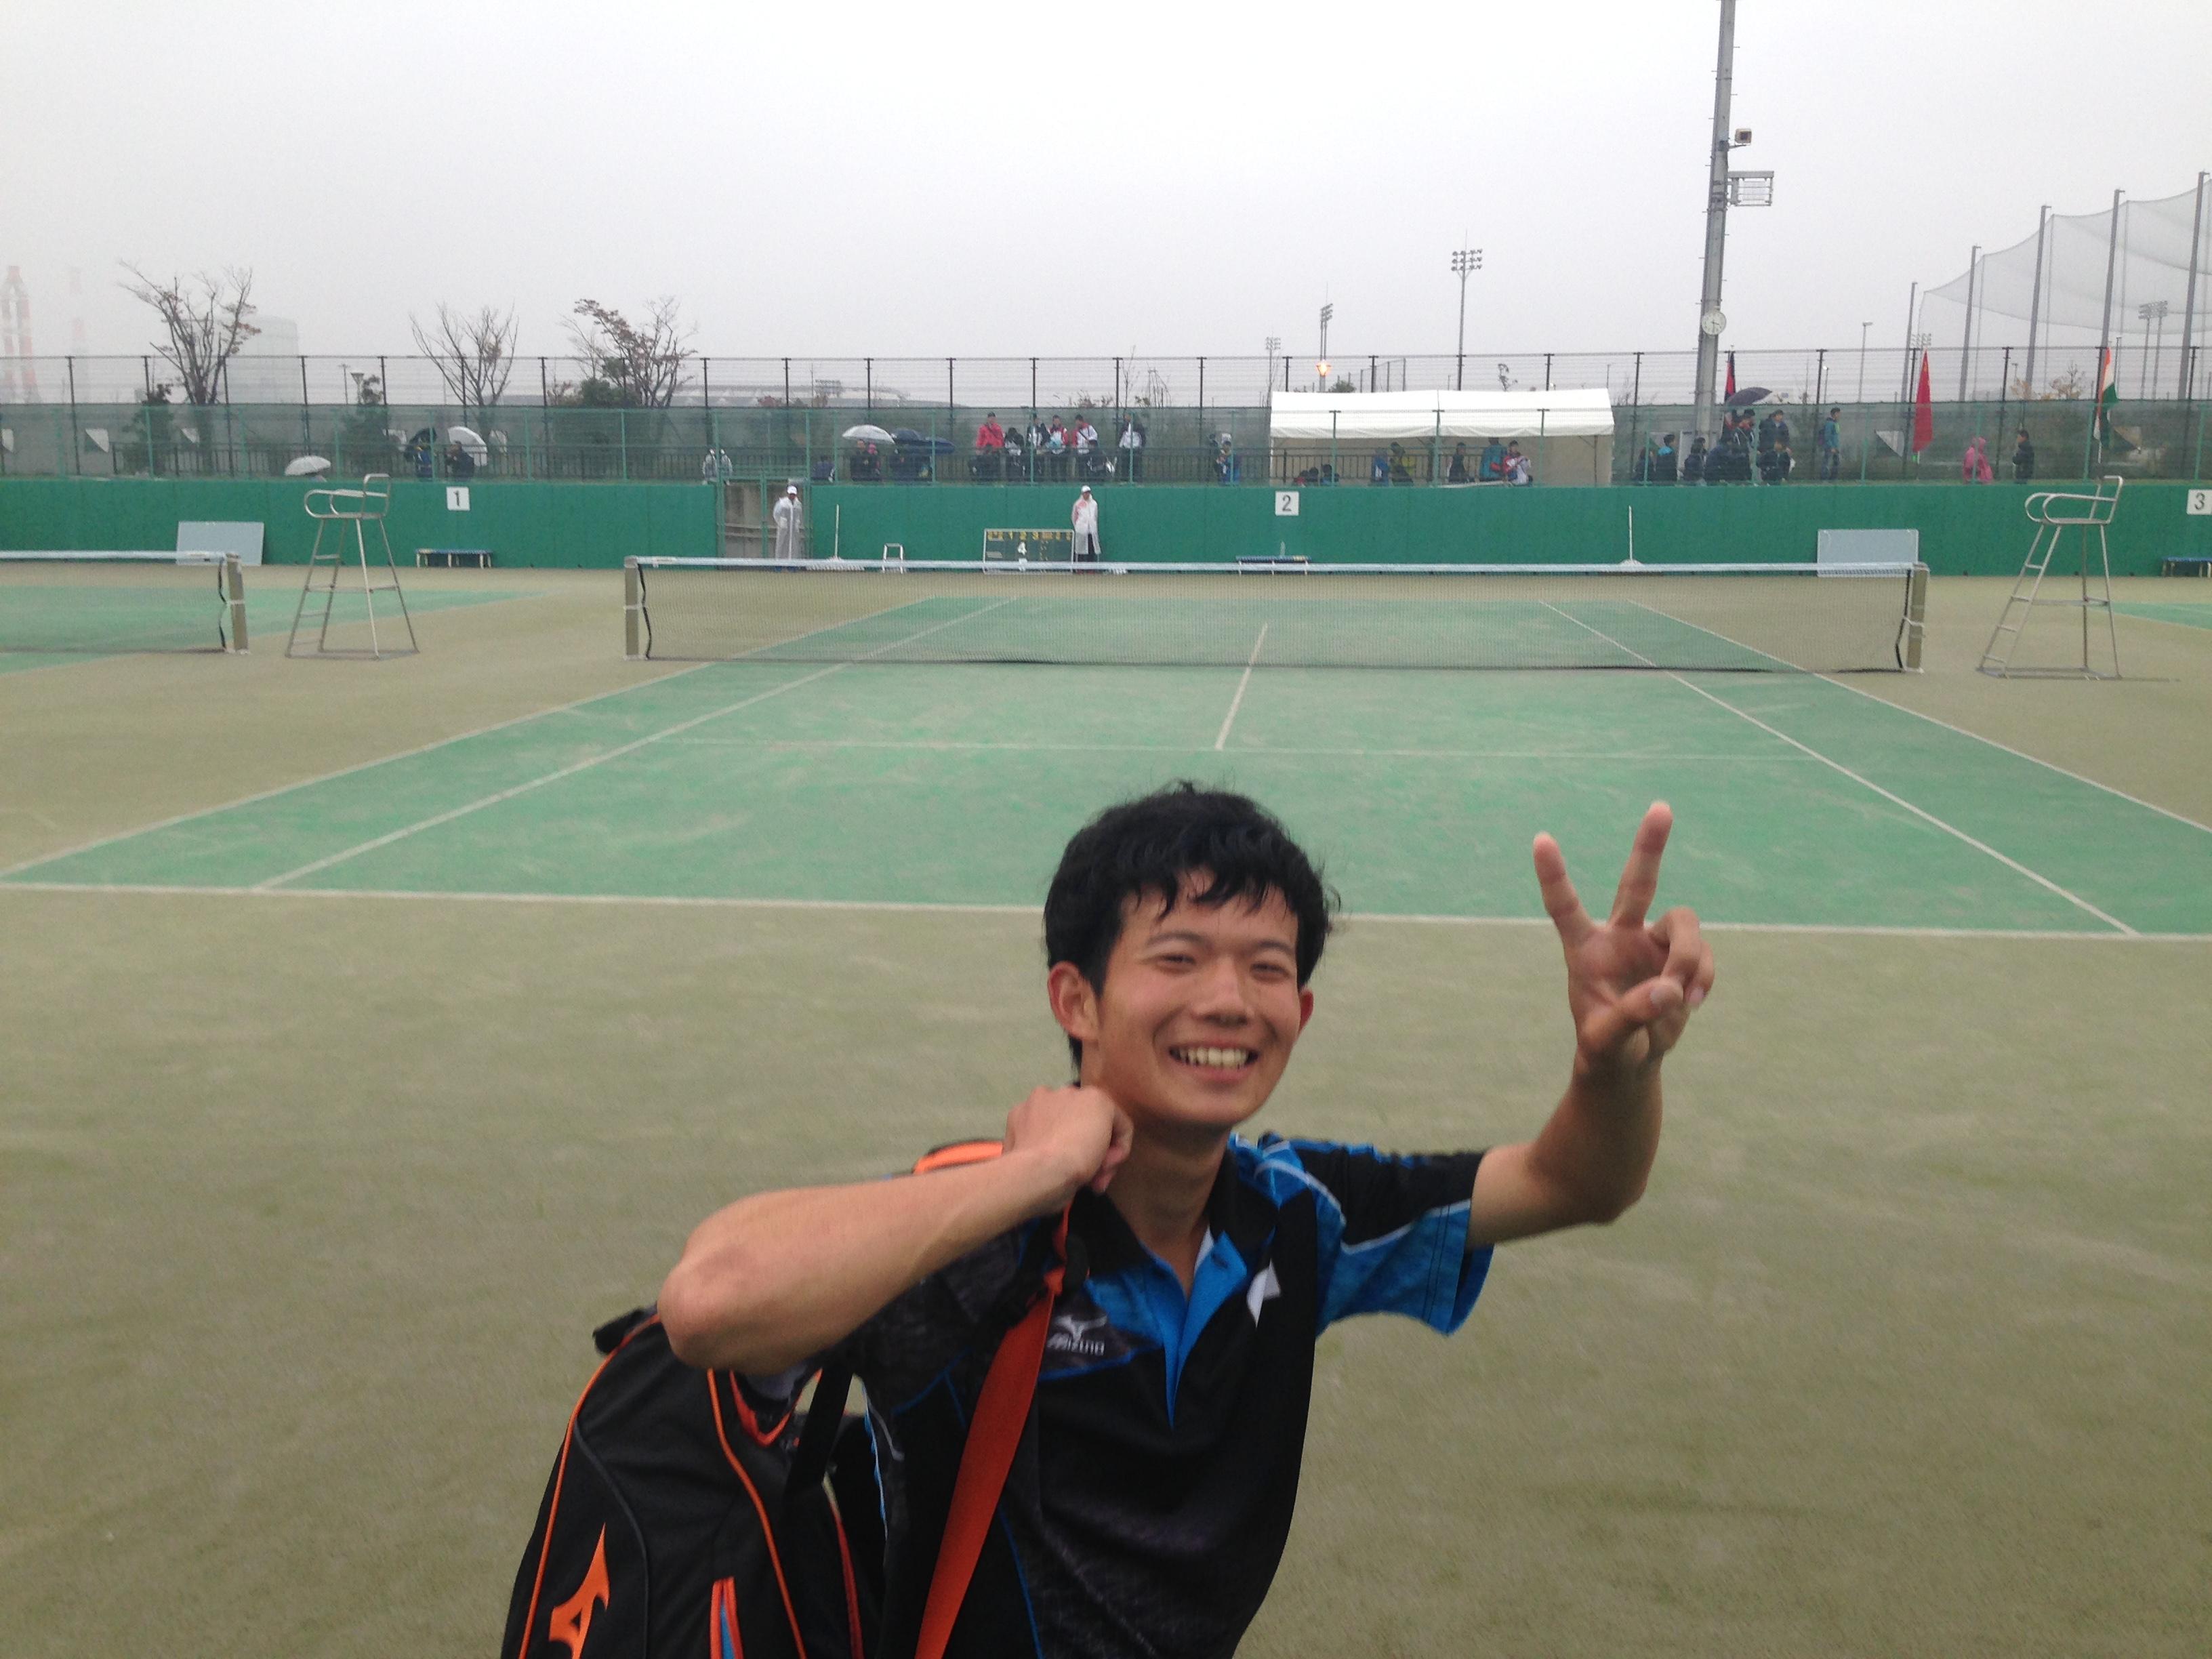 ドンフン組に勝利して笑顔の内本。昨日のシングルスに続き大活躍!